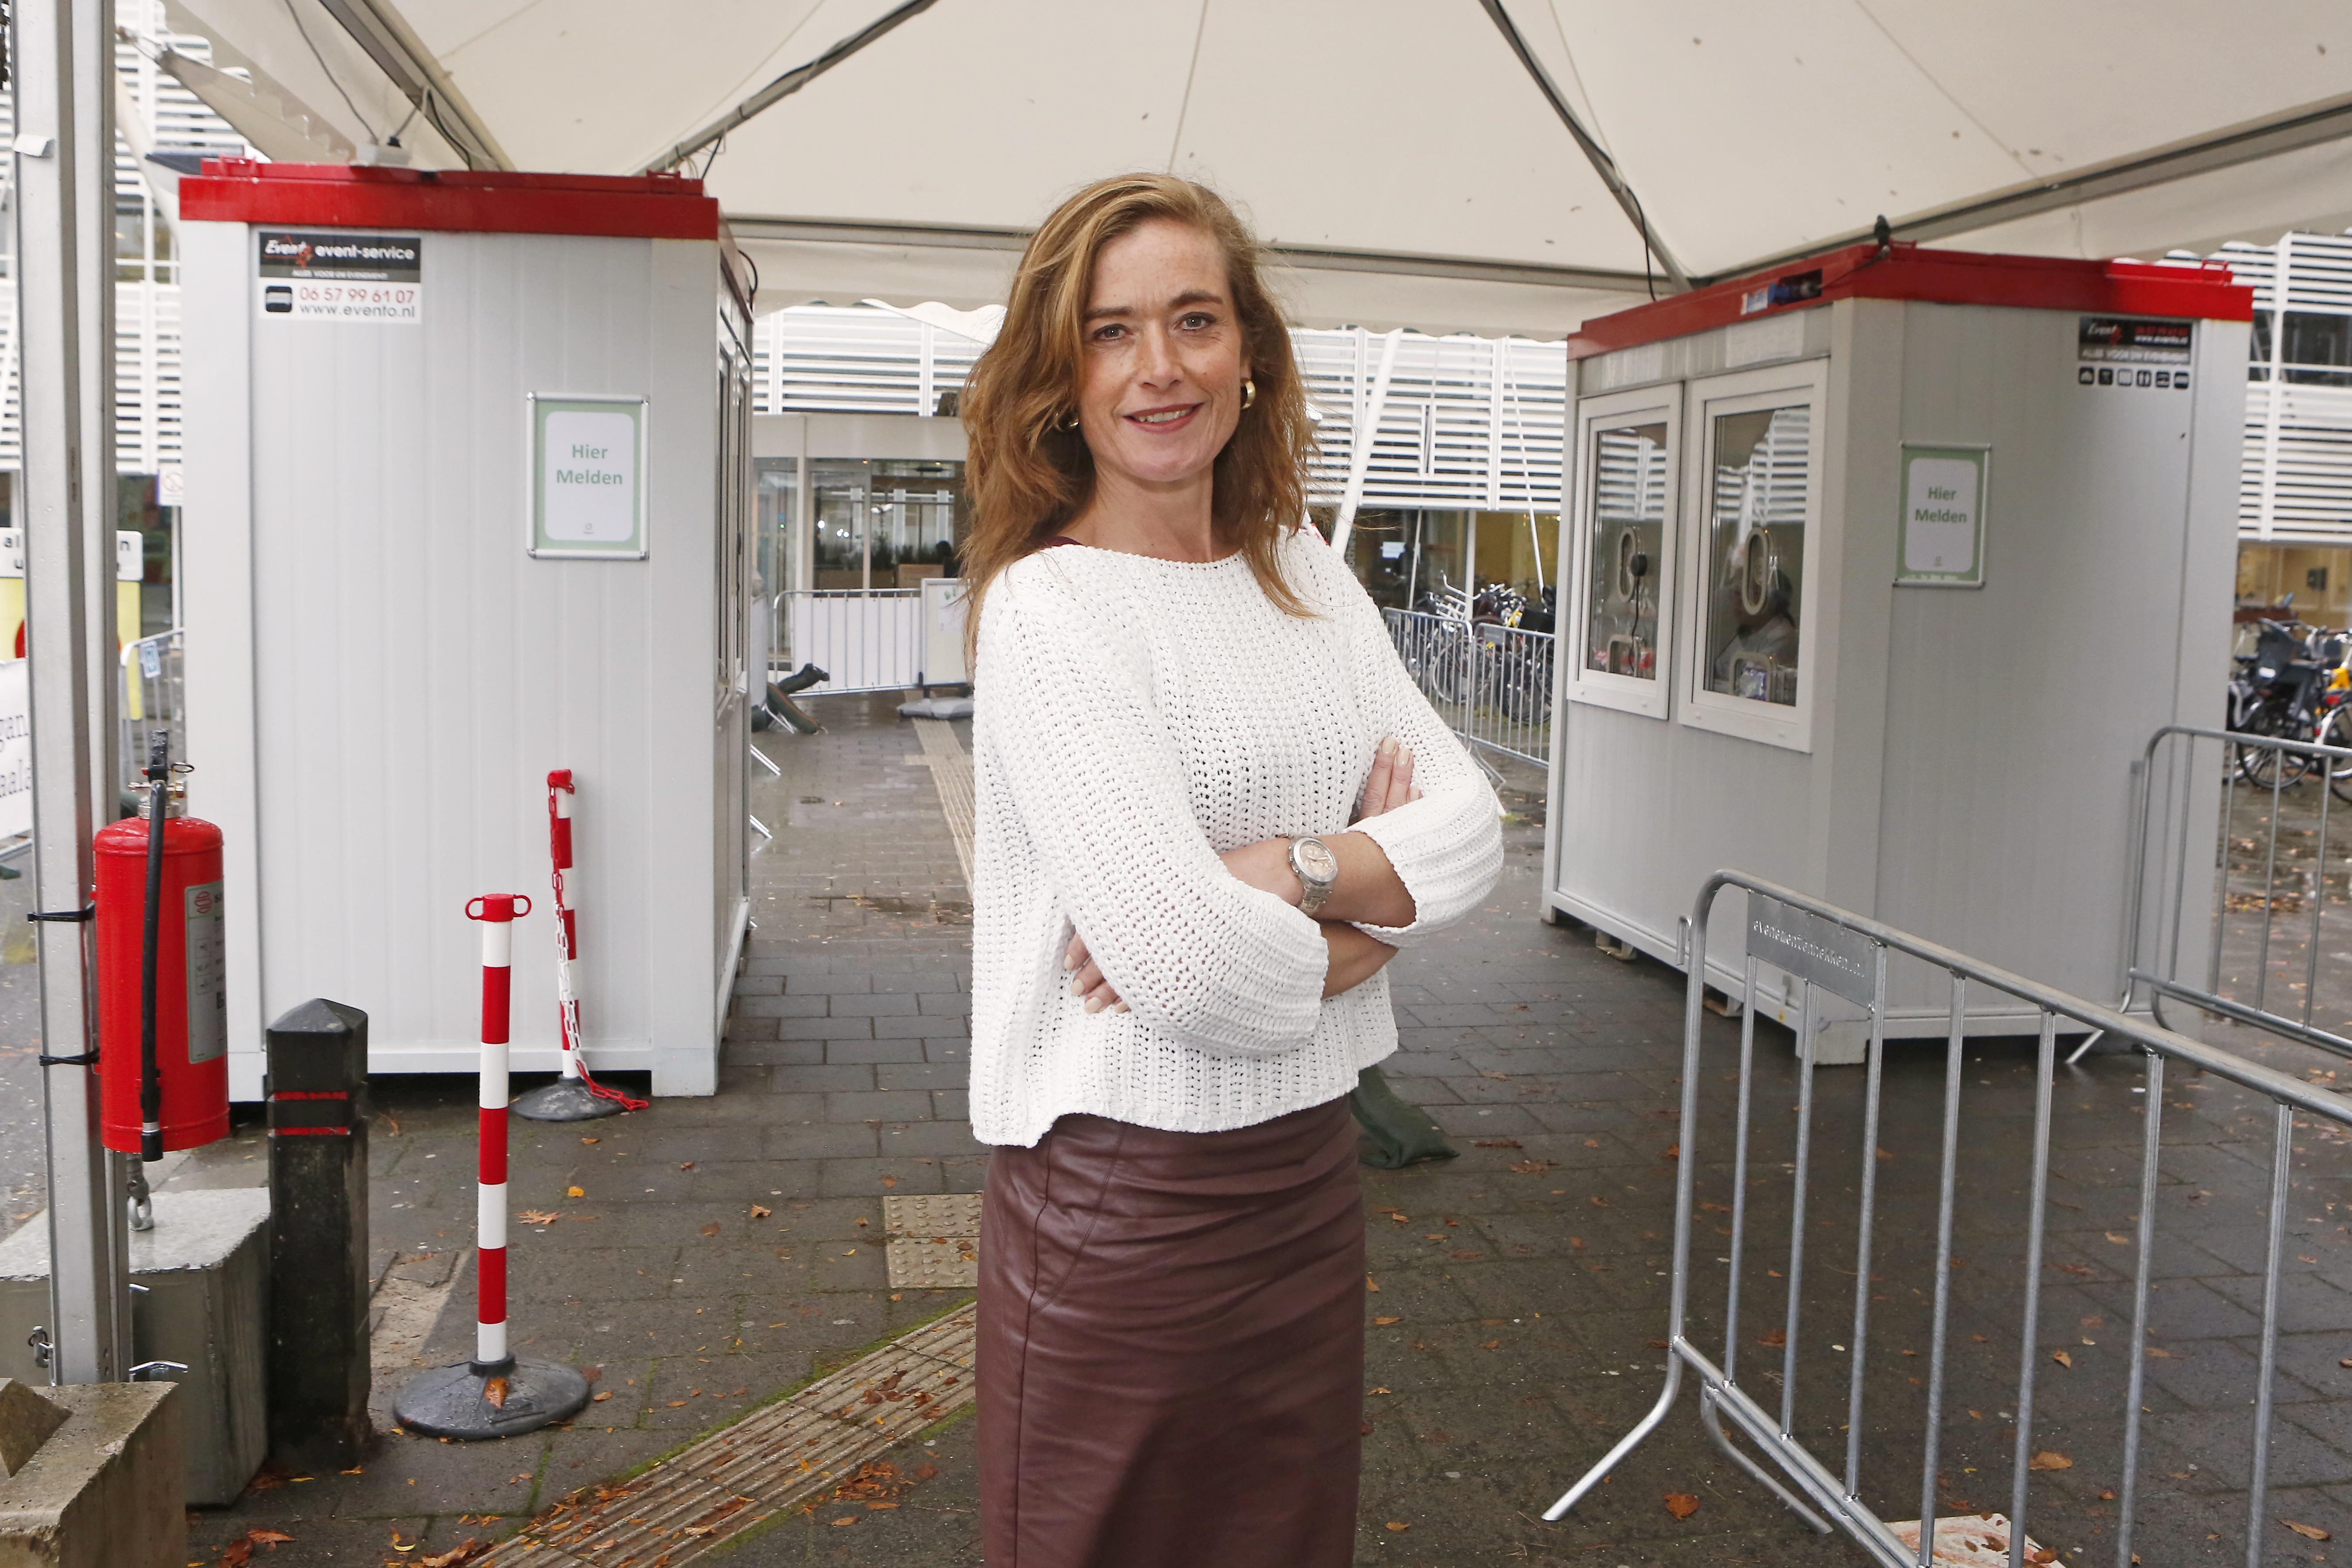 Tergooi ziekenhuis wacht niet op Den Haag en wil zorgbonus snel uitkeren; 'Of we het vergoed krijgen weet ik niet, dat risico nemen we'